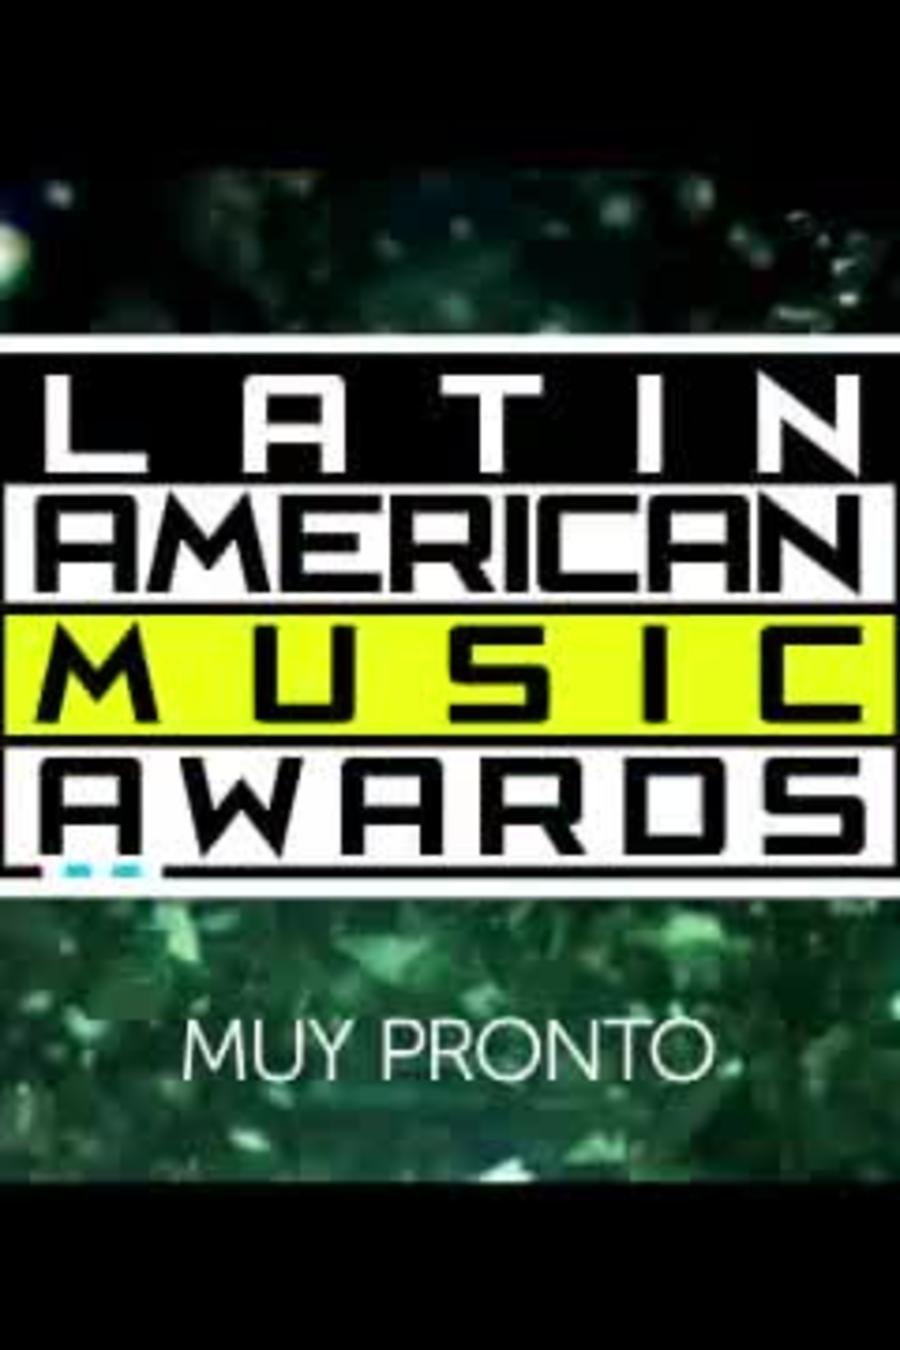 Latin American Music Awards logo